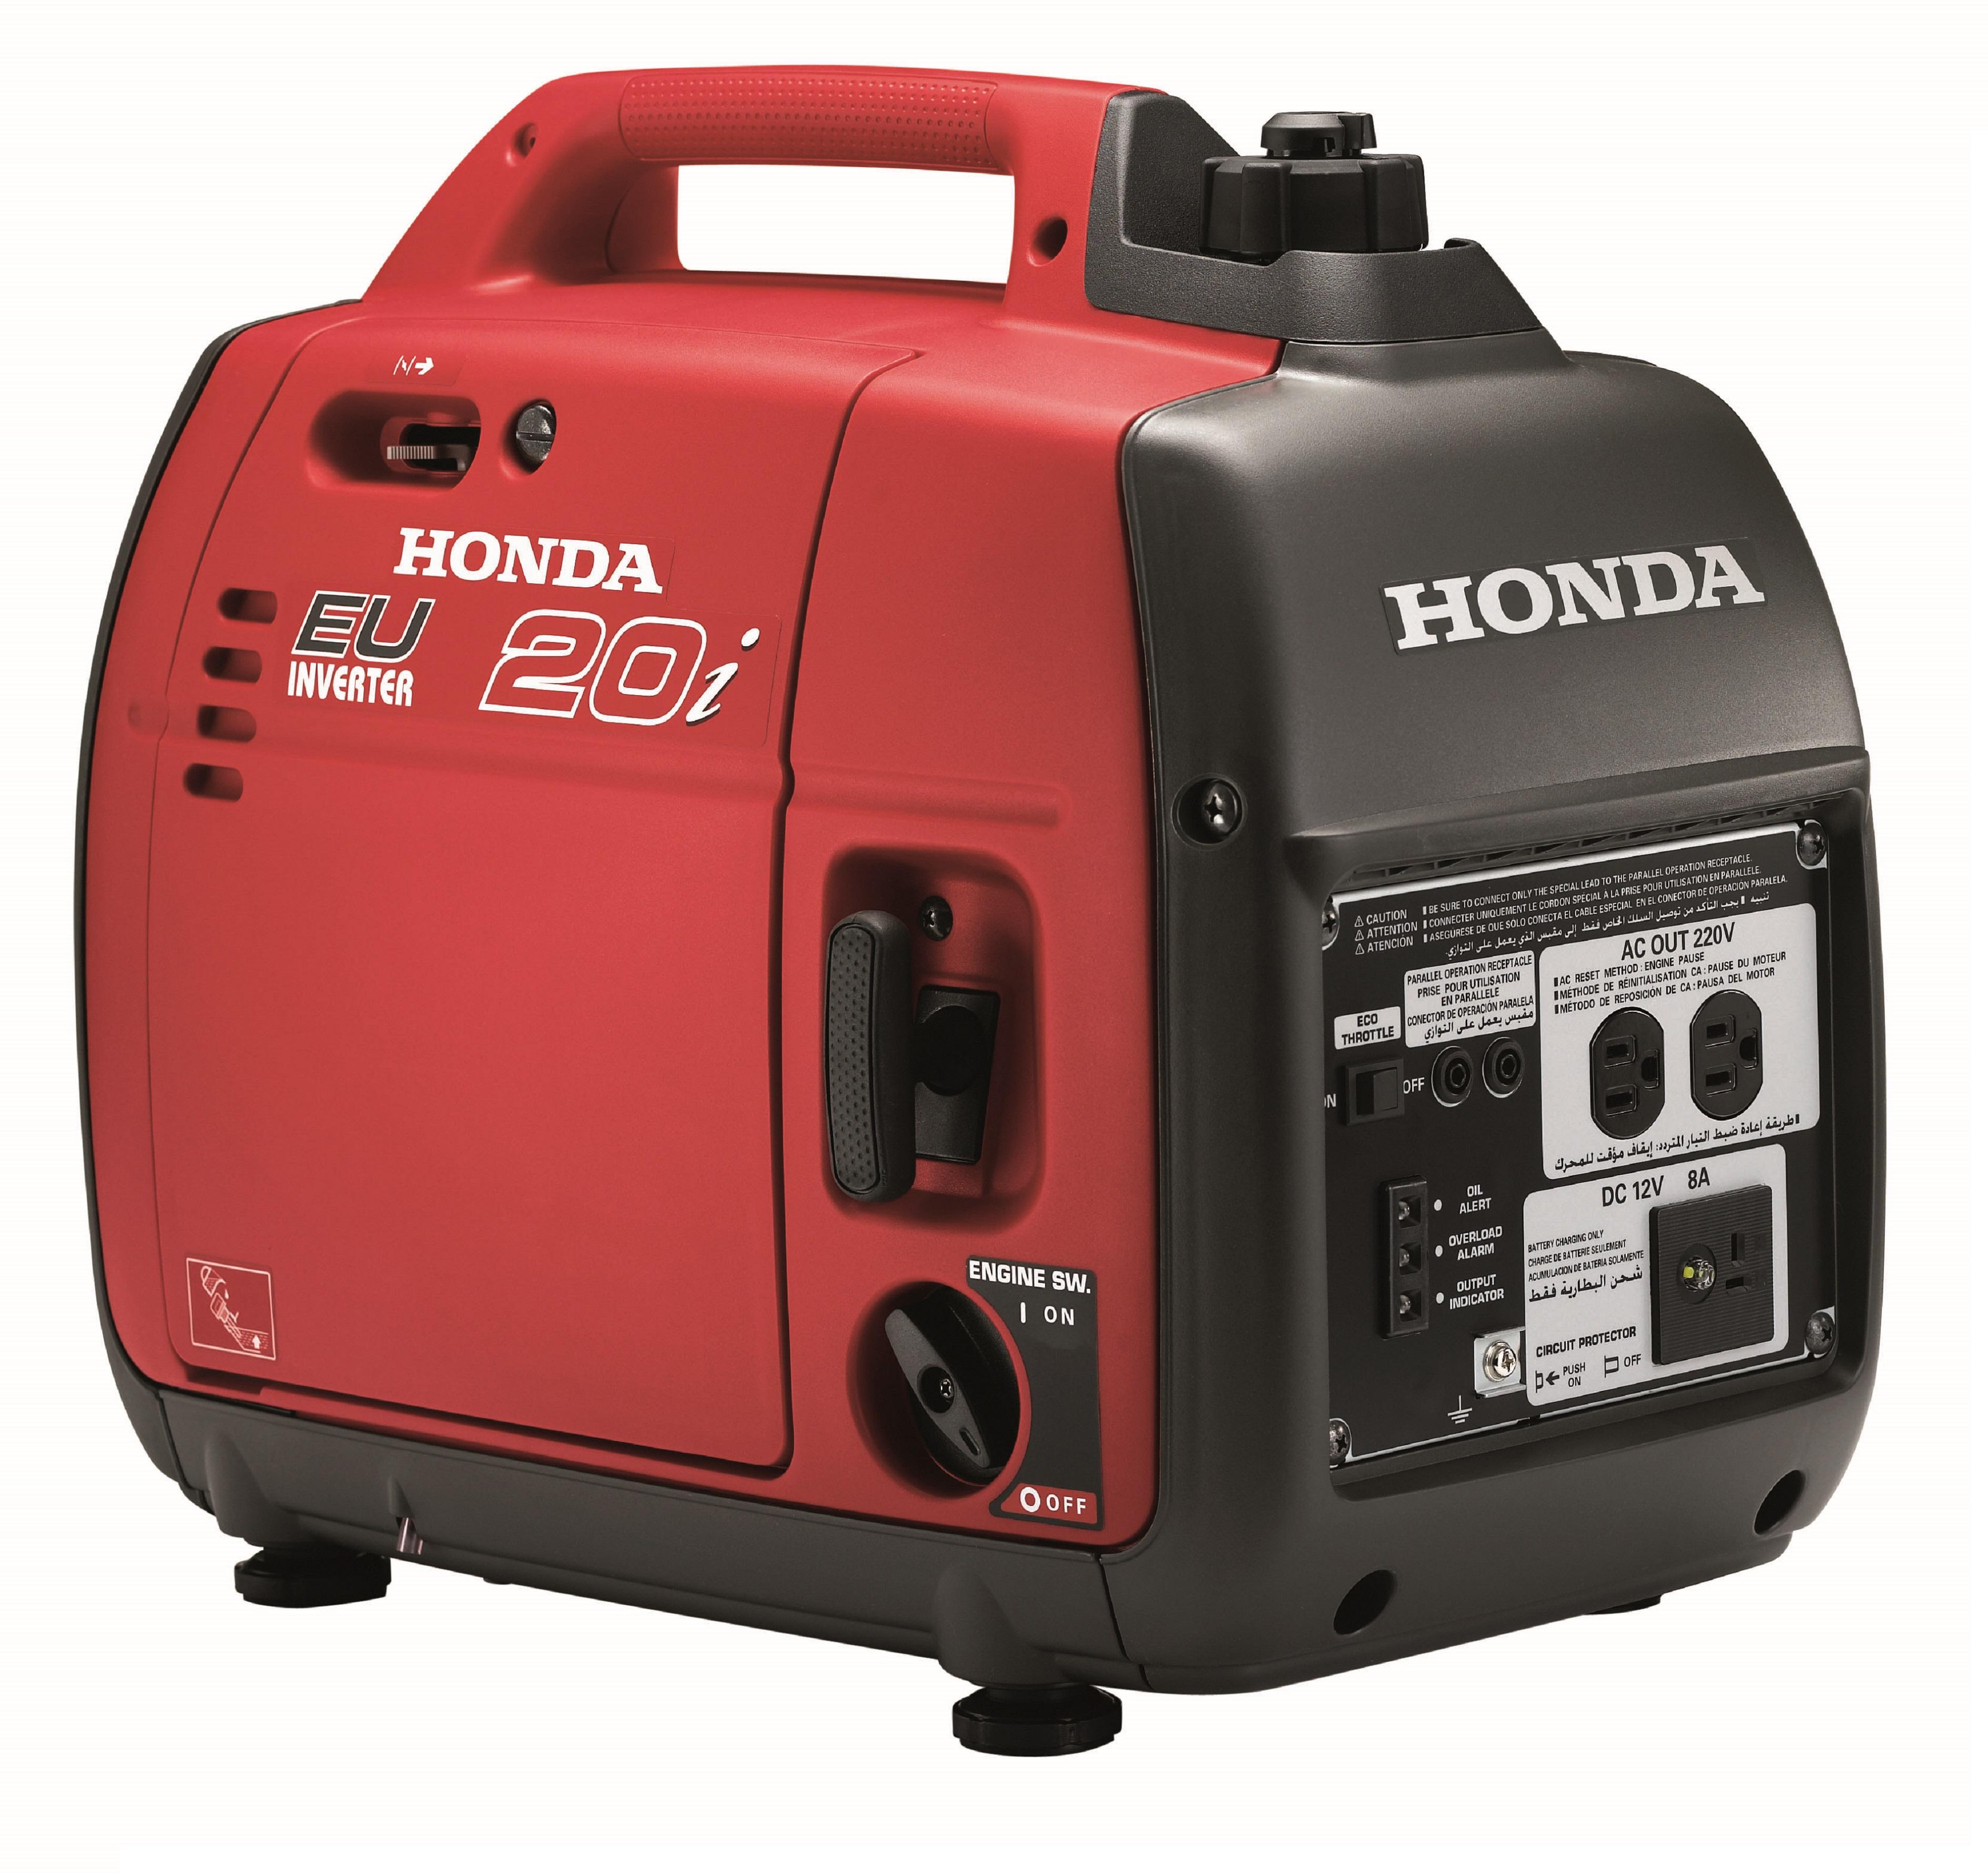 HONDA POWER TOOLS